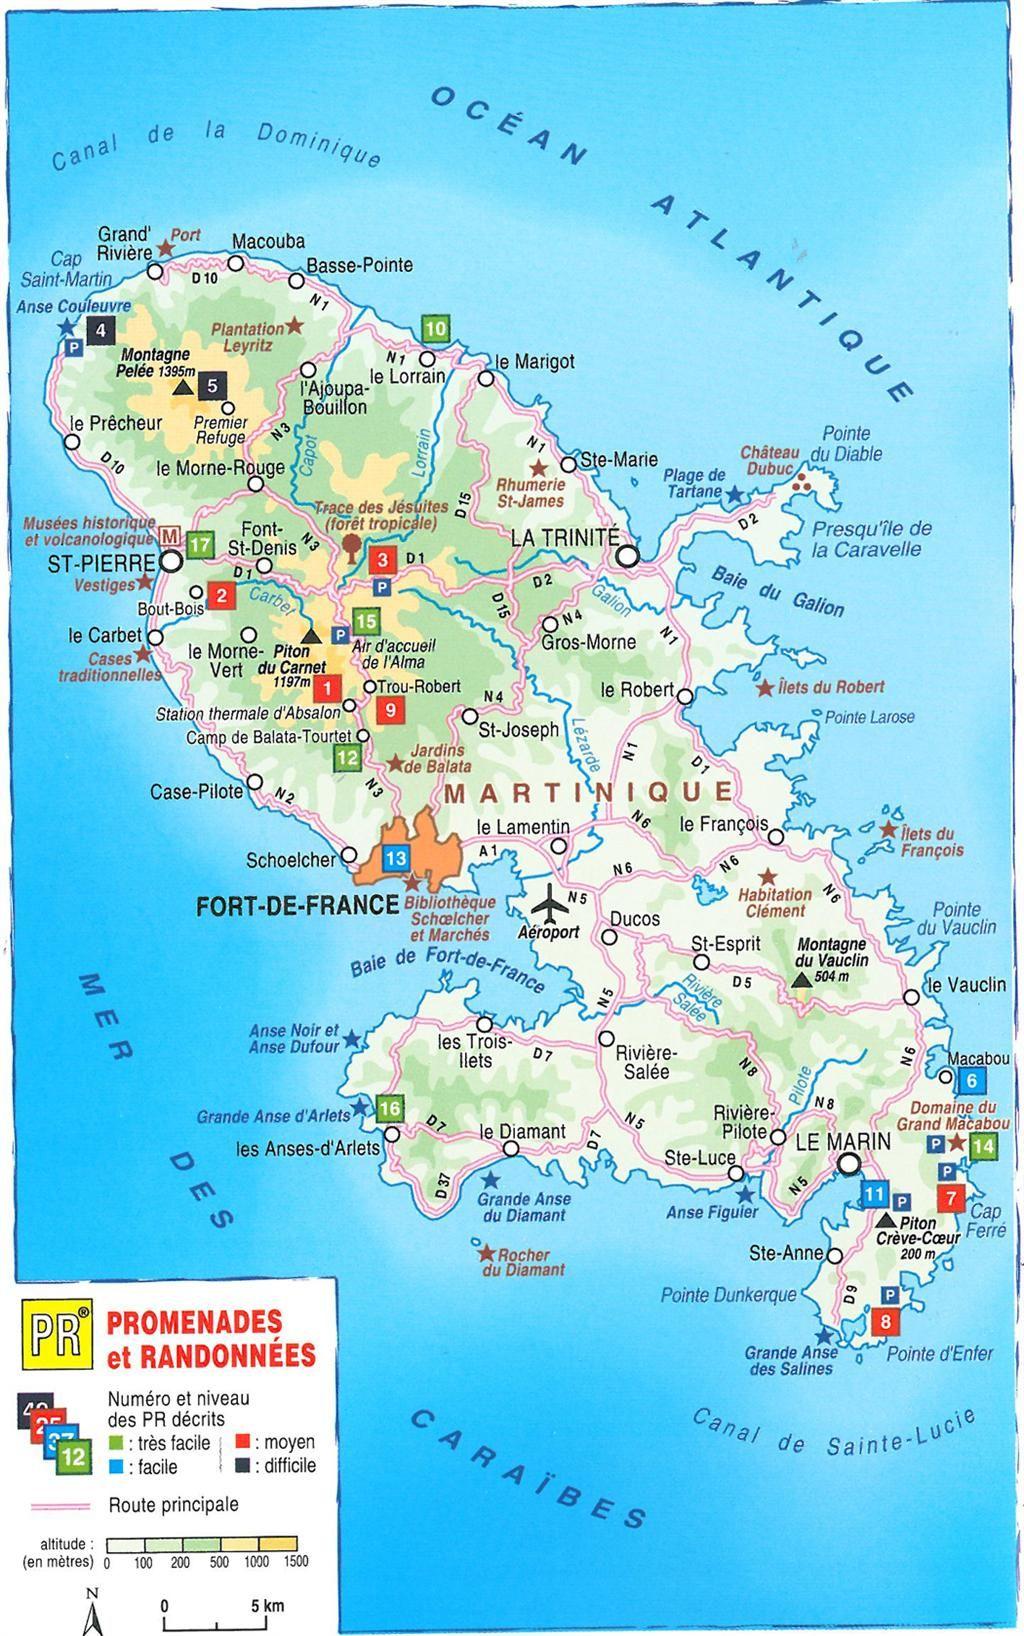 Carte promenades et randonnées en #Martinique RePinned by :